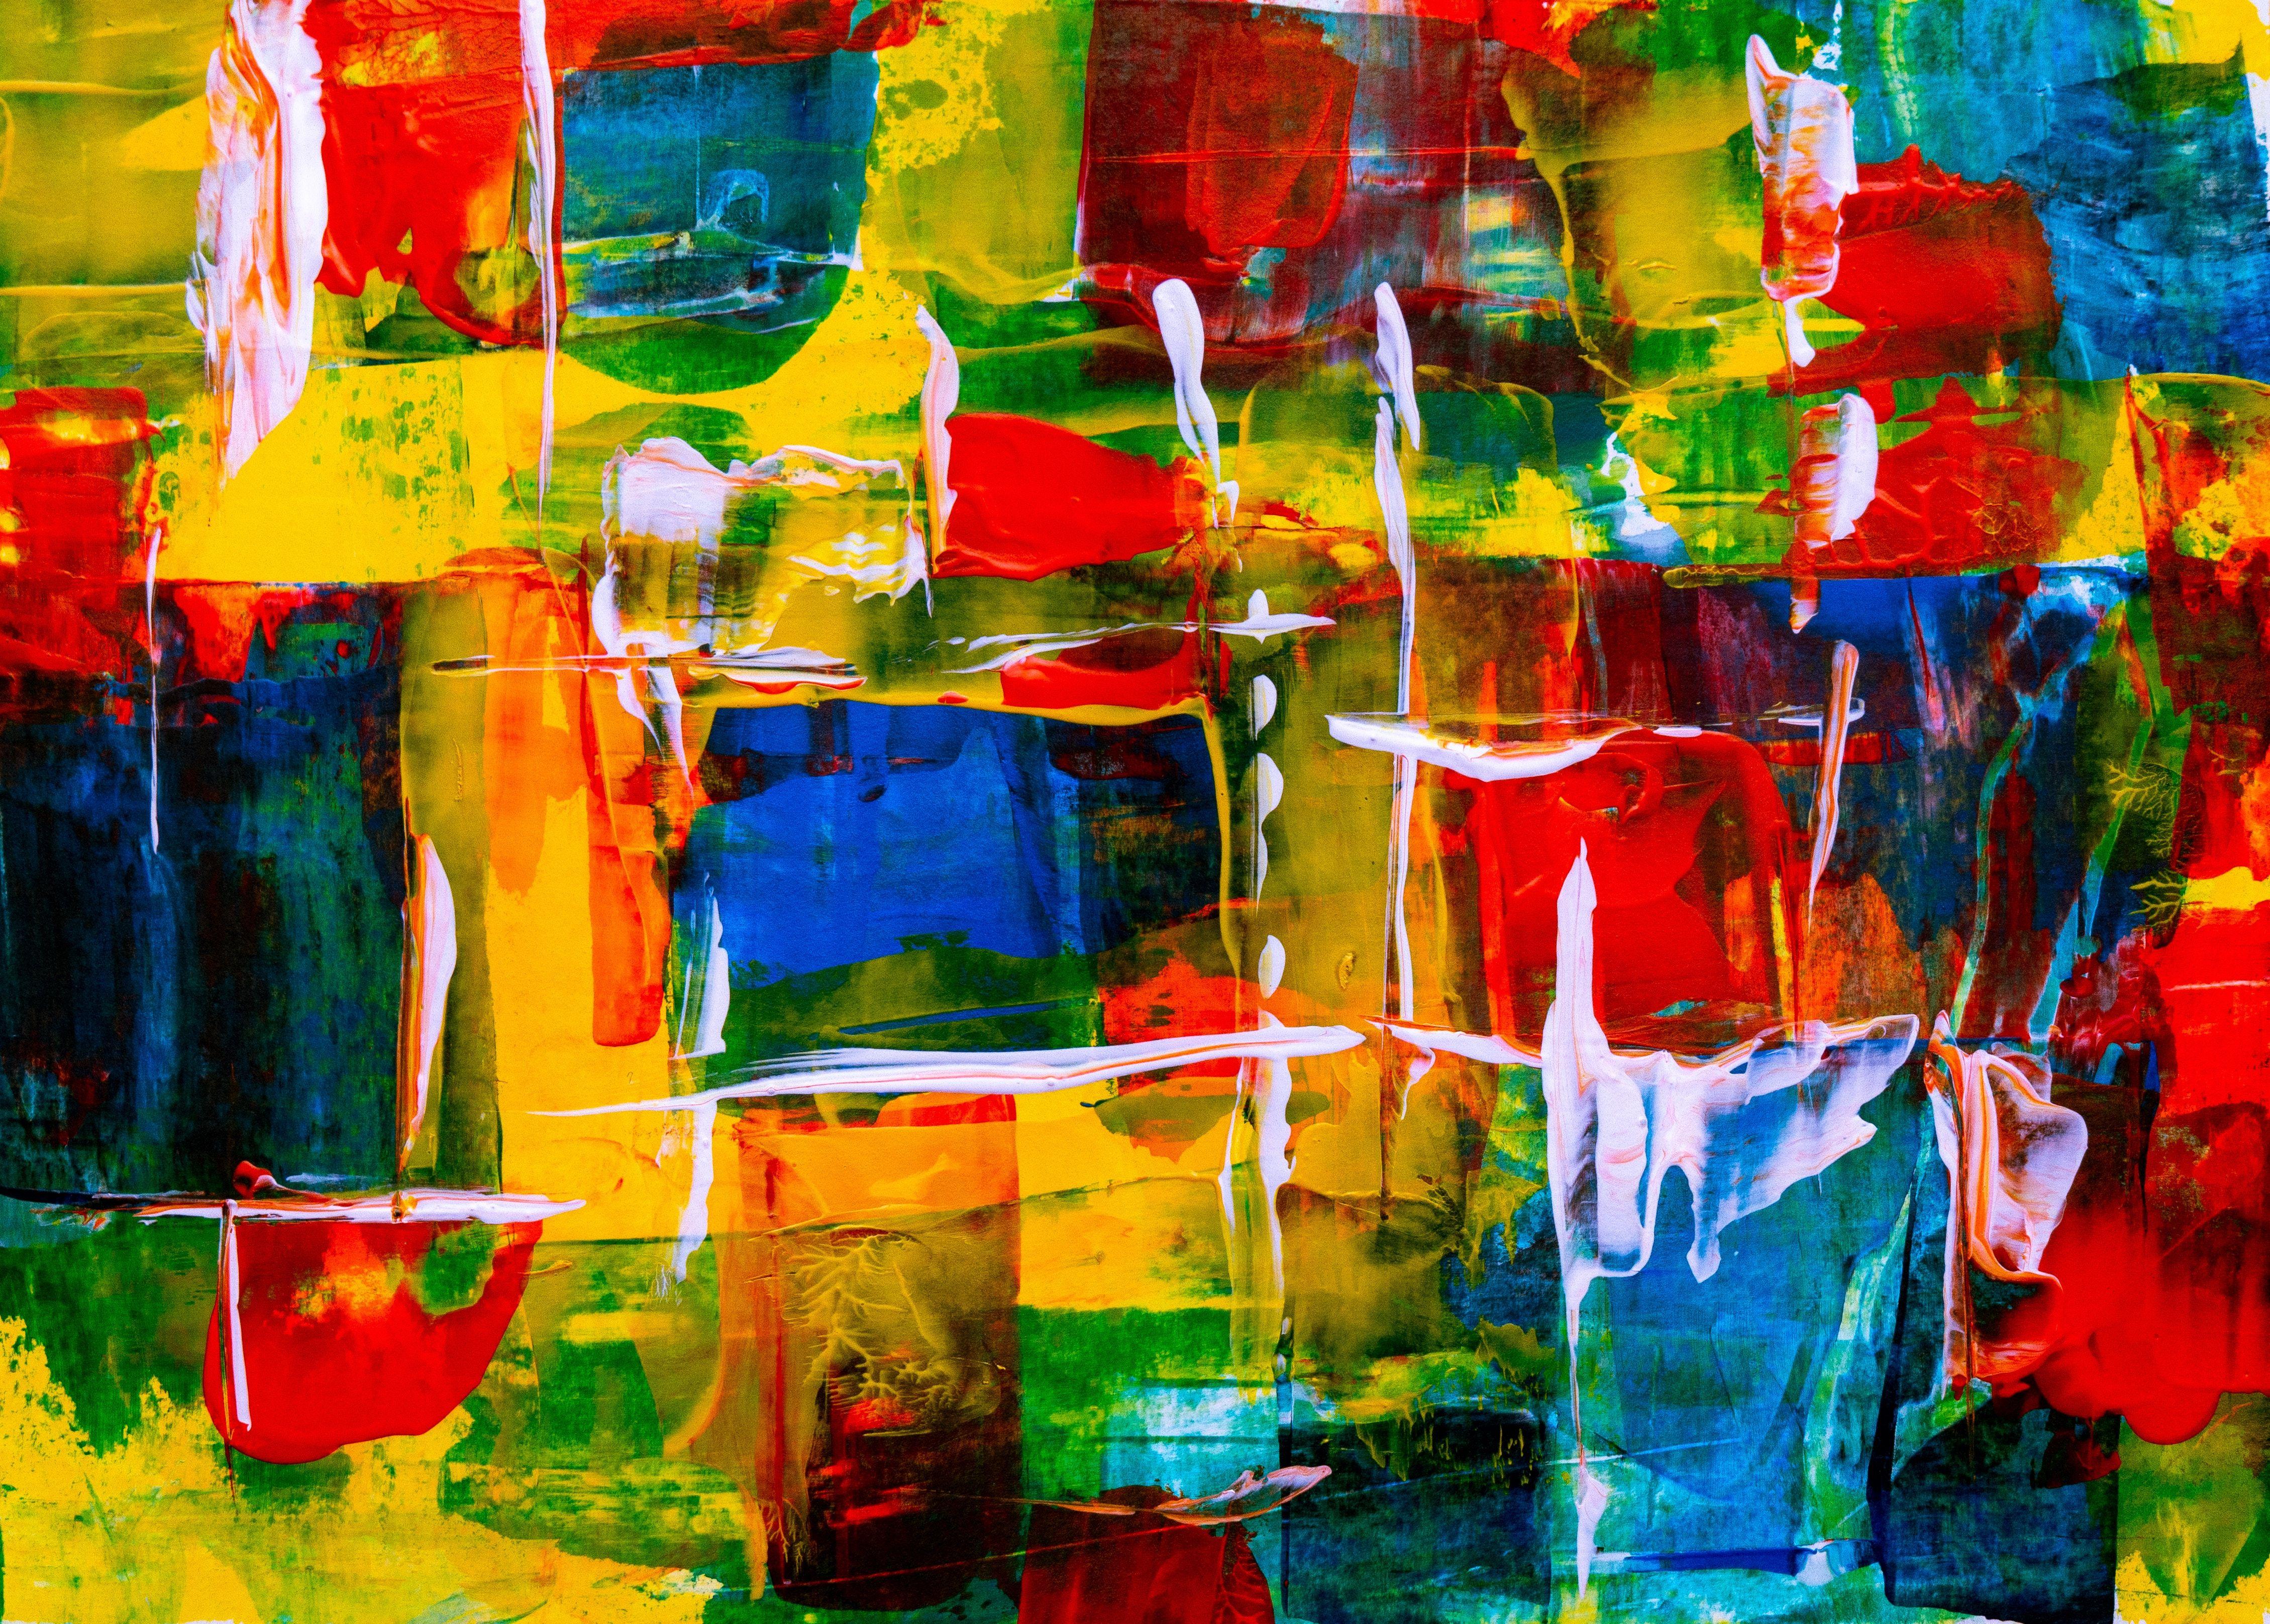 67764 fond d'écran 720x1520 sur votre téléphone gratuitement, téléchargez des images Abstrait, Multicolore, Hétéroclite, Texture, Textures, Peindre, Peinture, Taches 720x1520 sur votre mobile